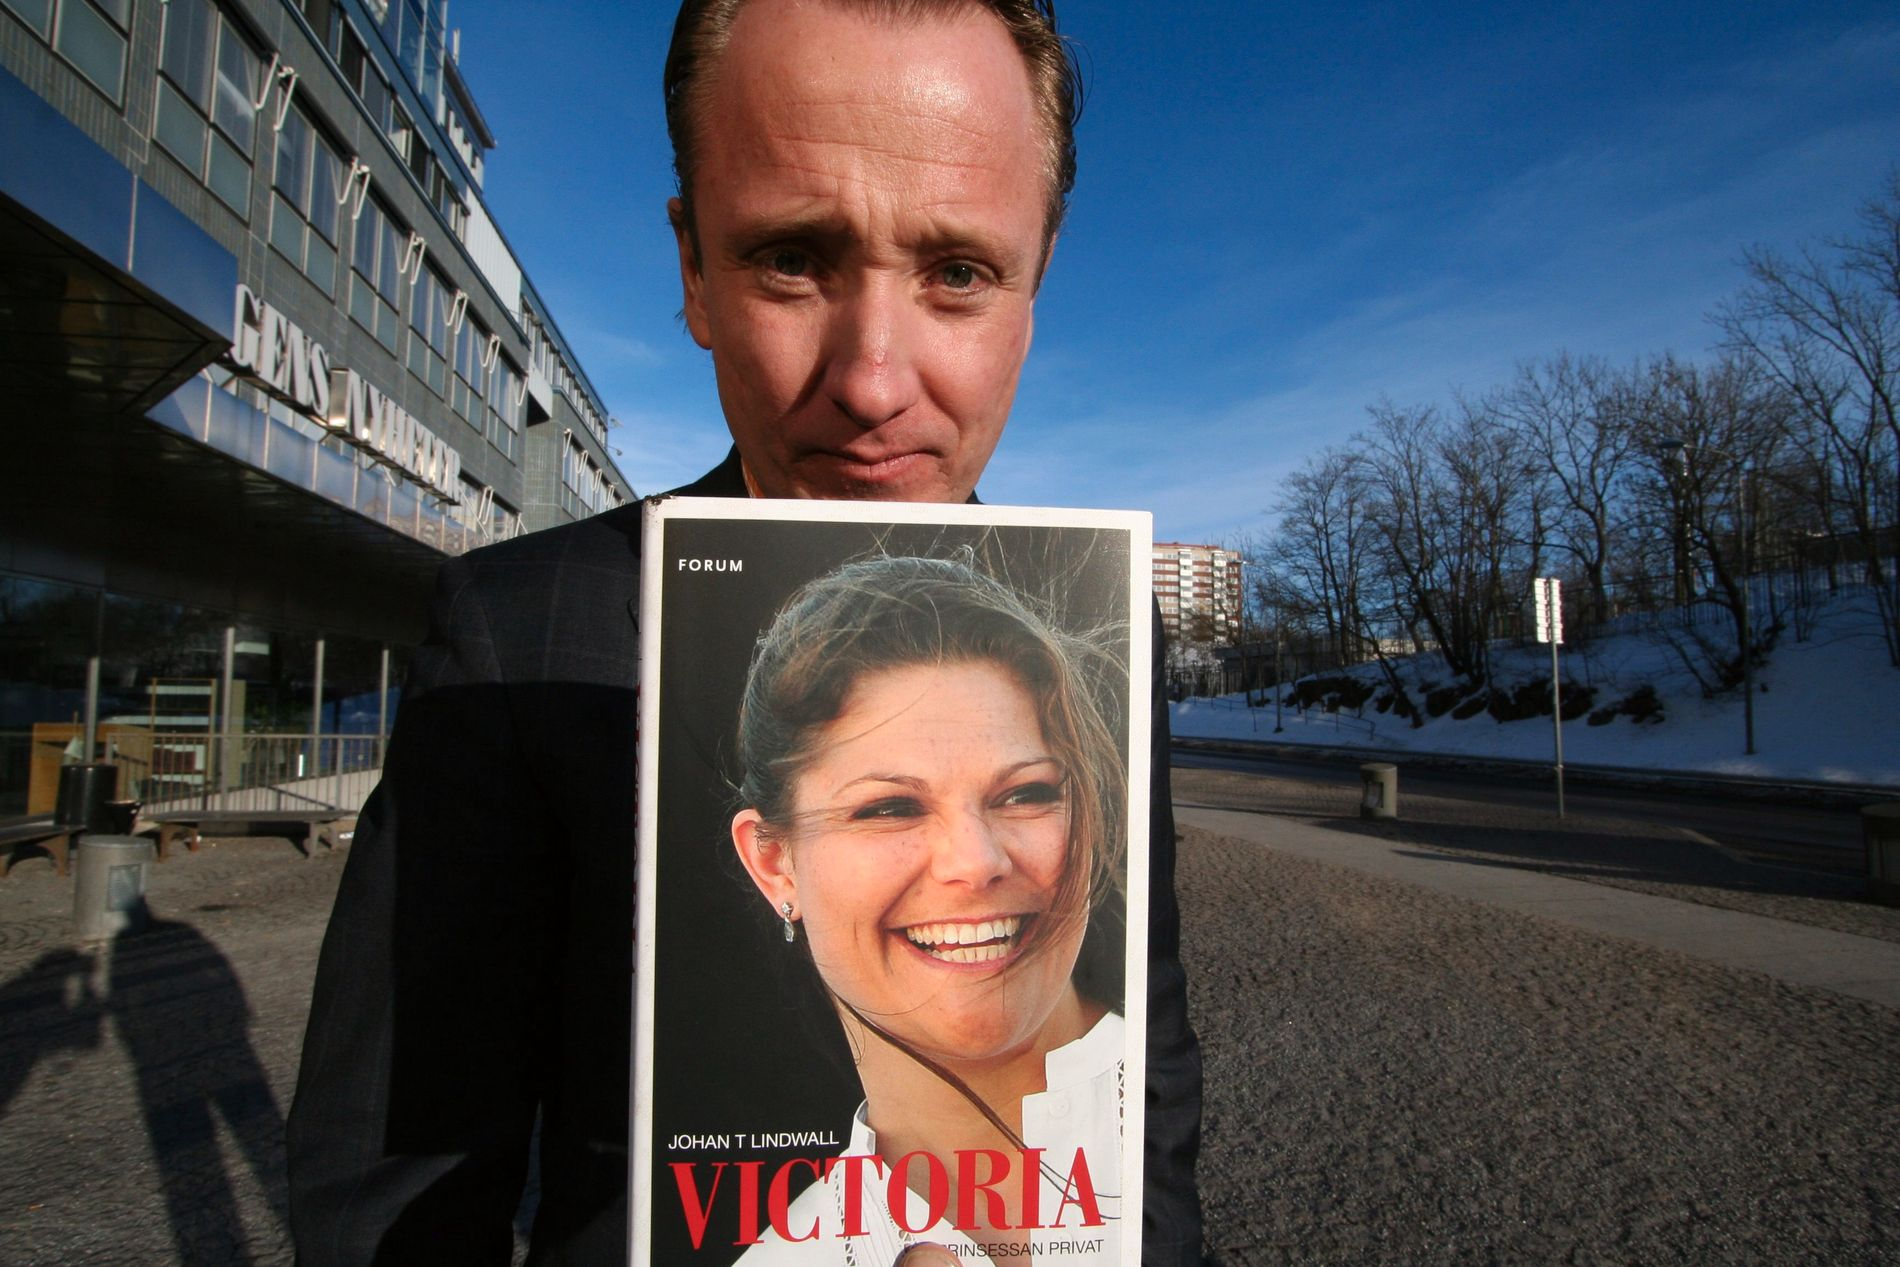 KONGEHUSEKSPERT: Hoffreporter Johan T. Lindwall har tidligere skrevet bok om svenske prinsesse Victoria.